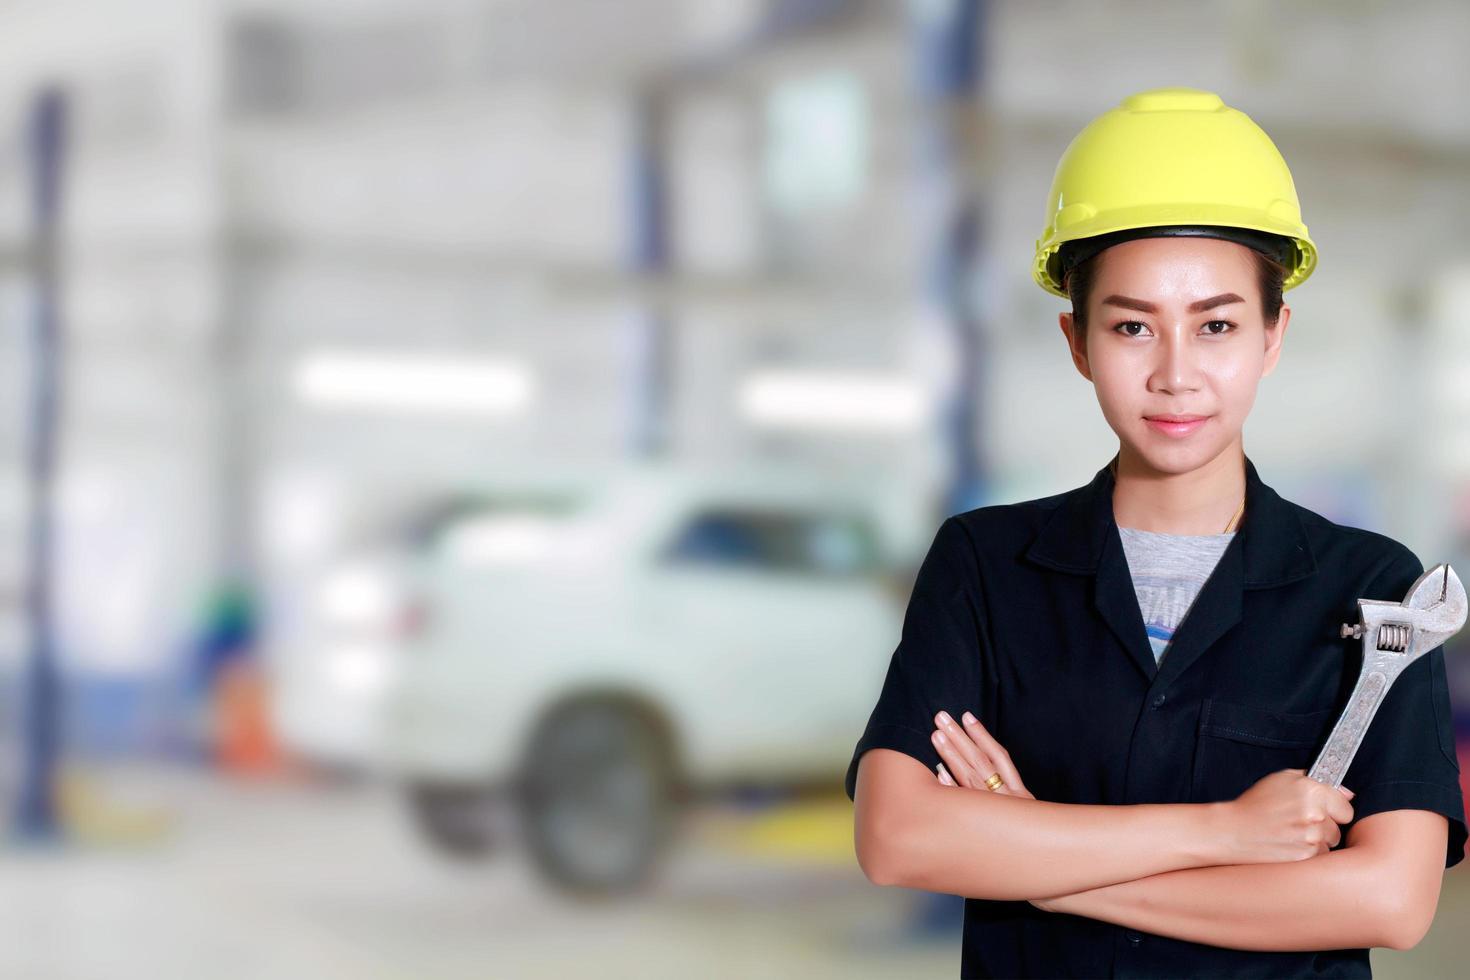 asiatische Ingenieurin hält einen Schraubenschlüssel in der Hand foto